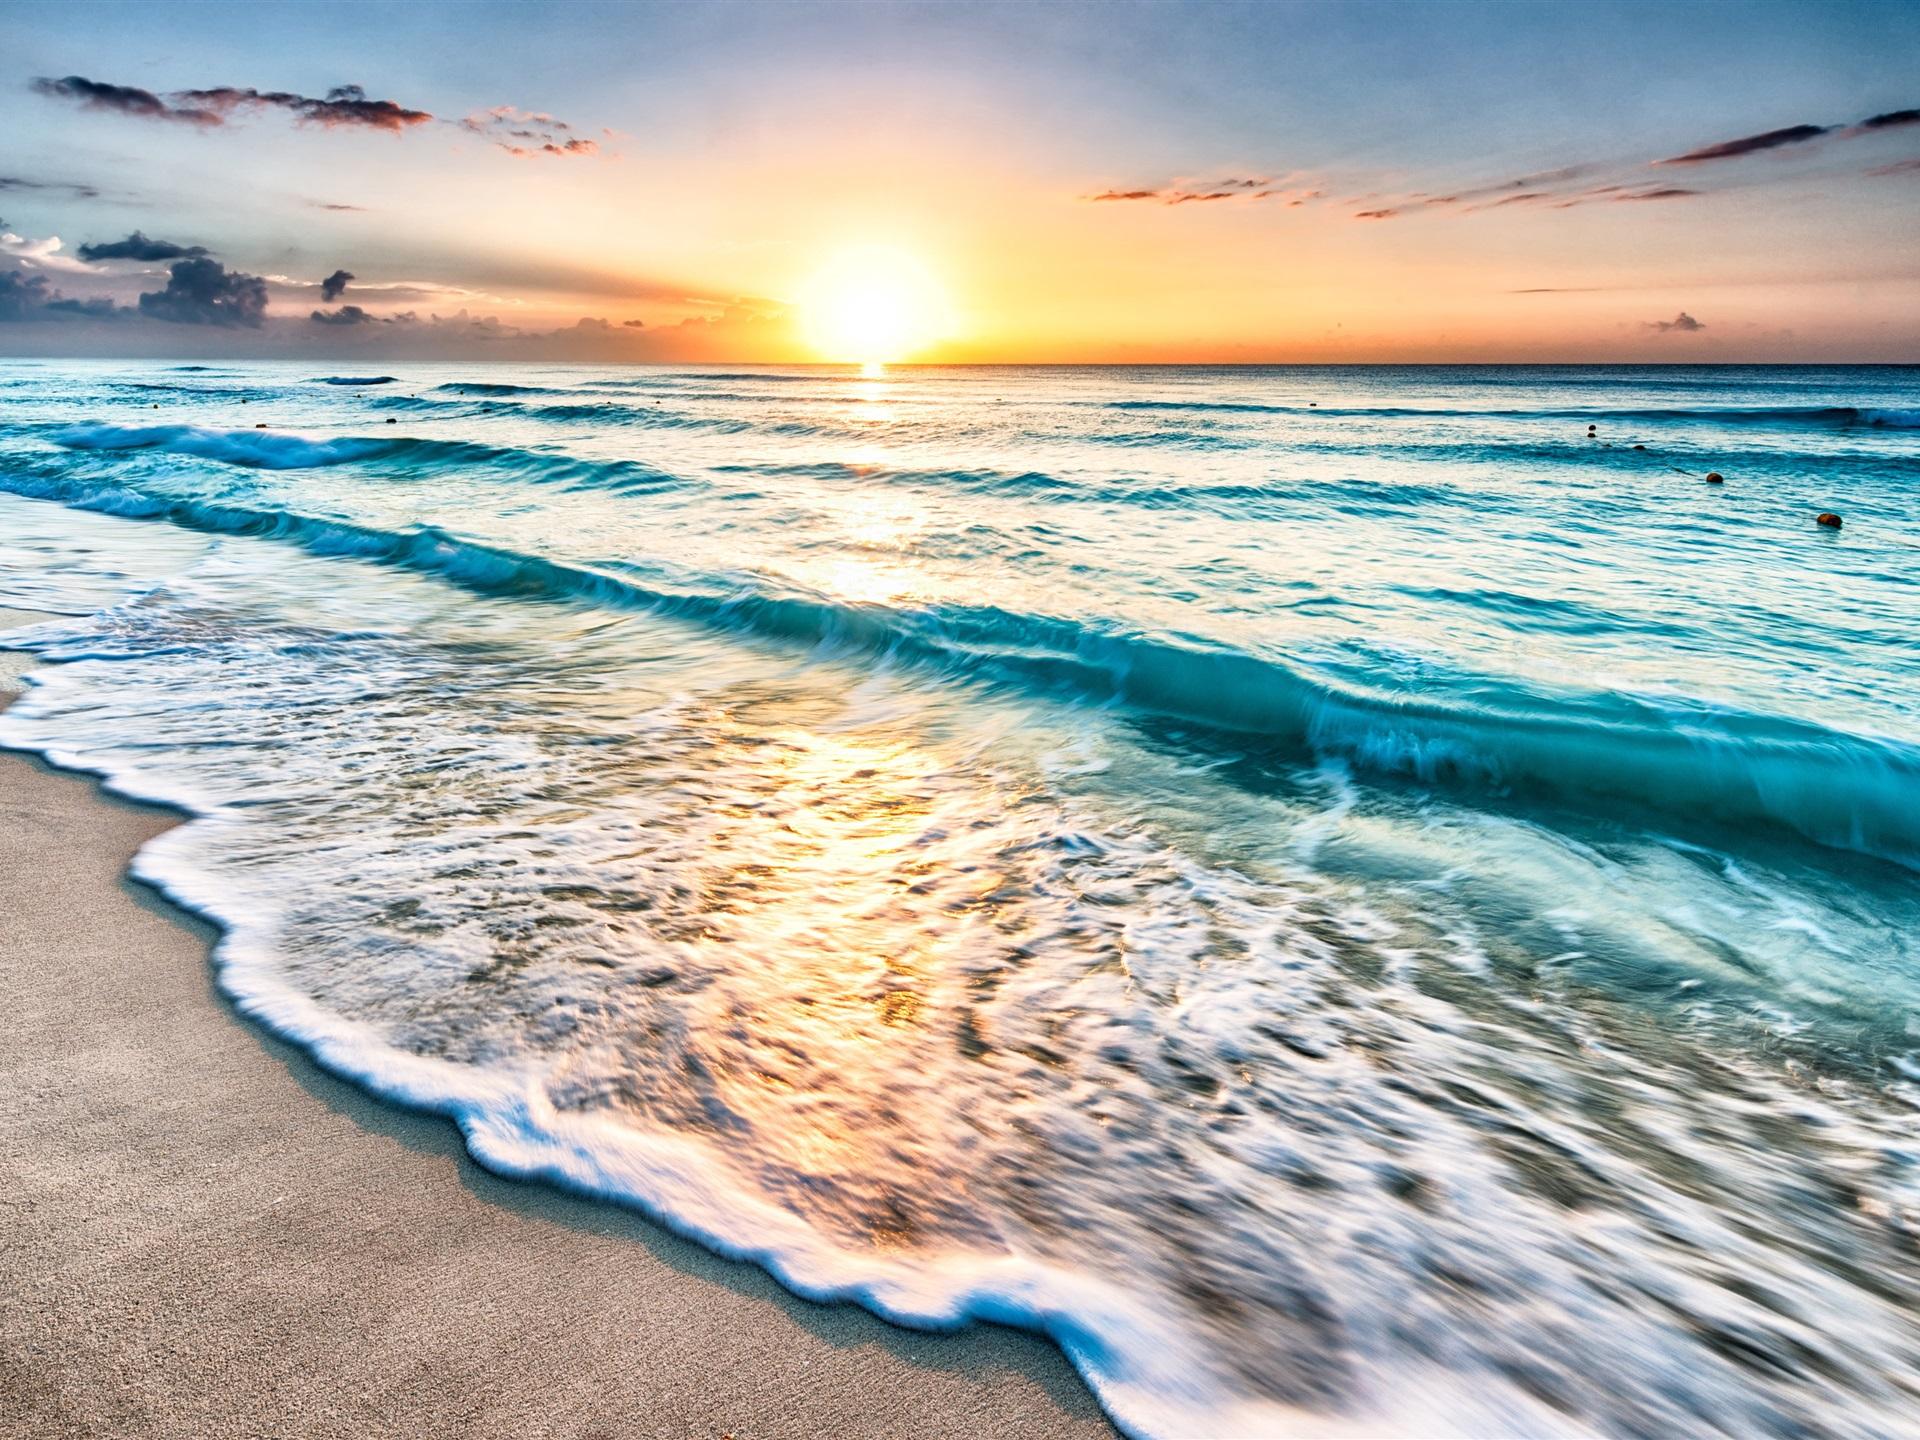 Картинки море волны солнце